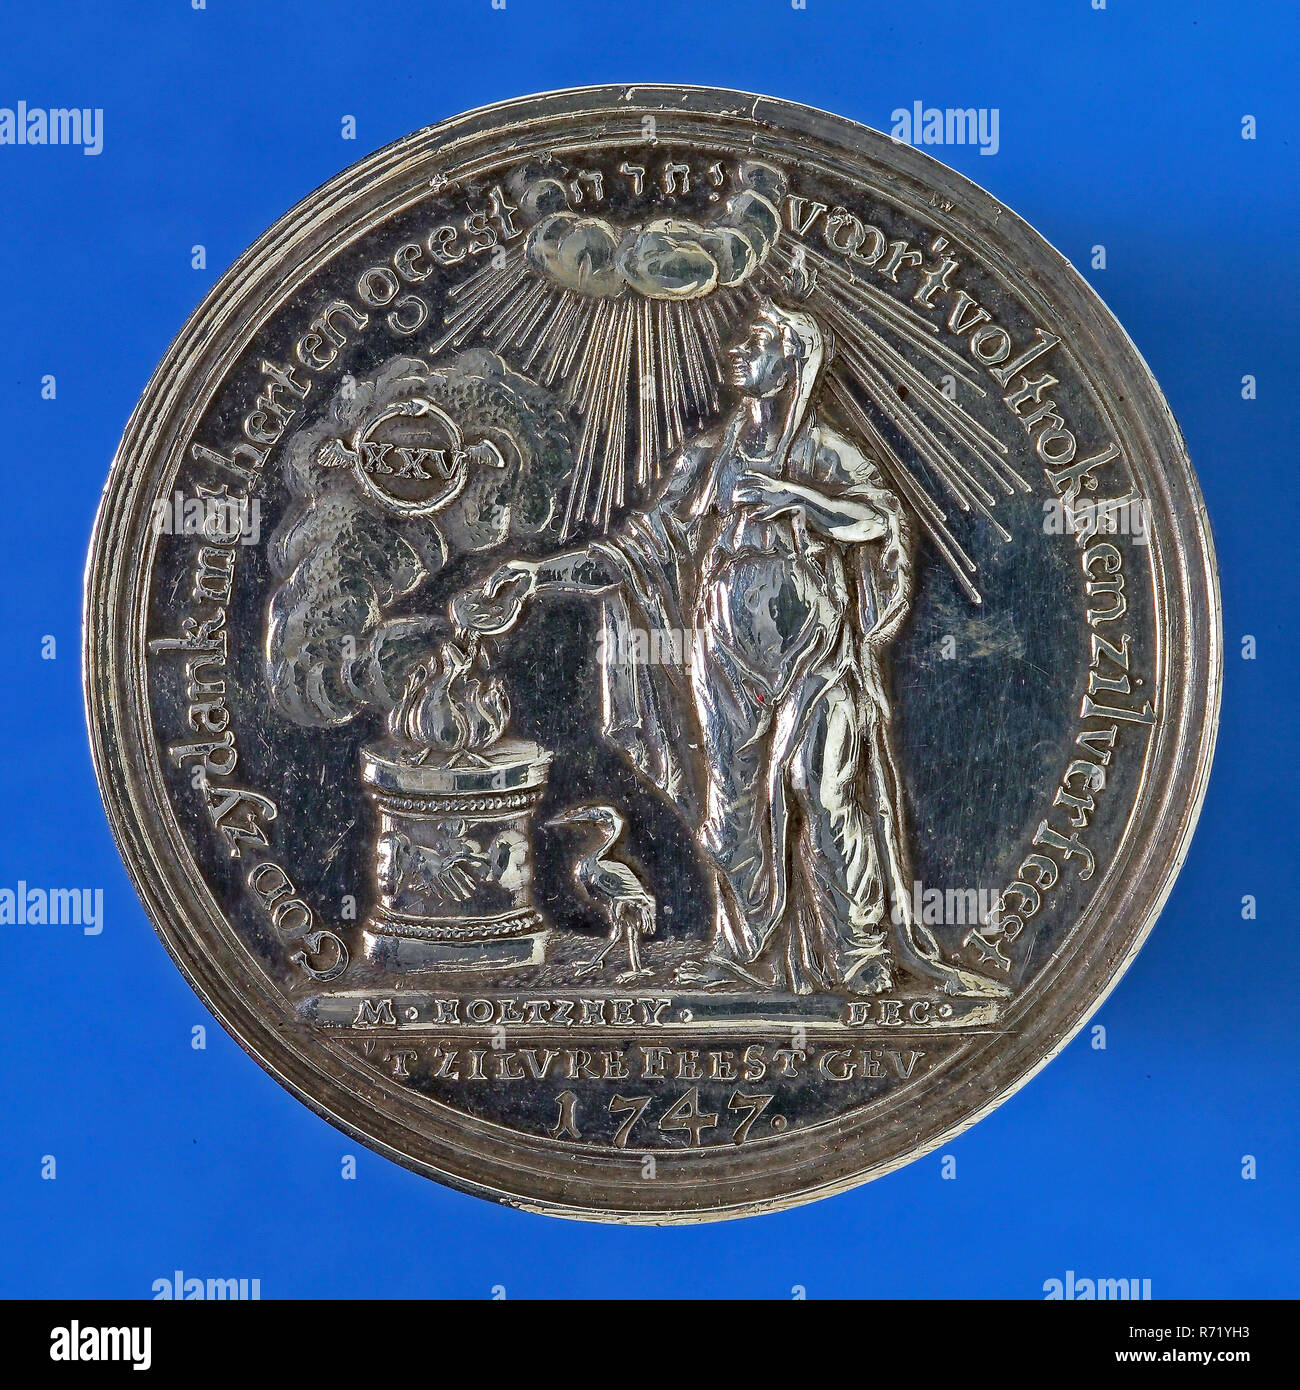 M Holtzhey Medaille Bei Der Goldenen Hochzeit Von Jan Van